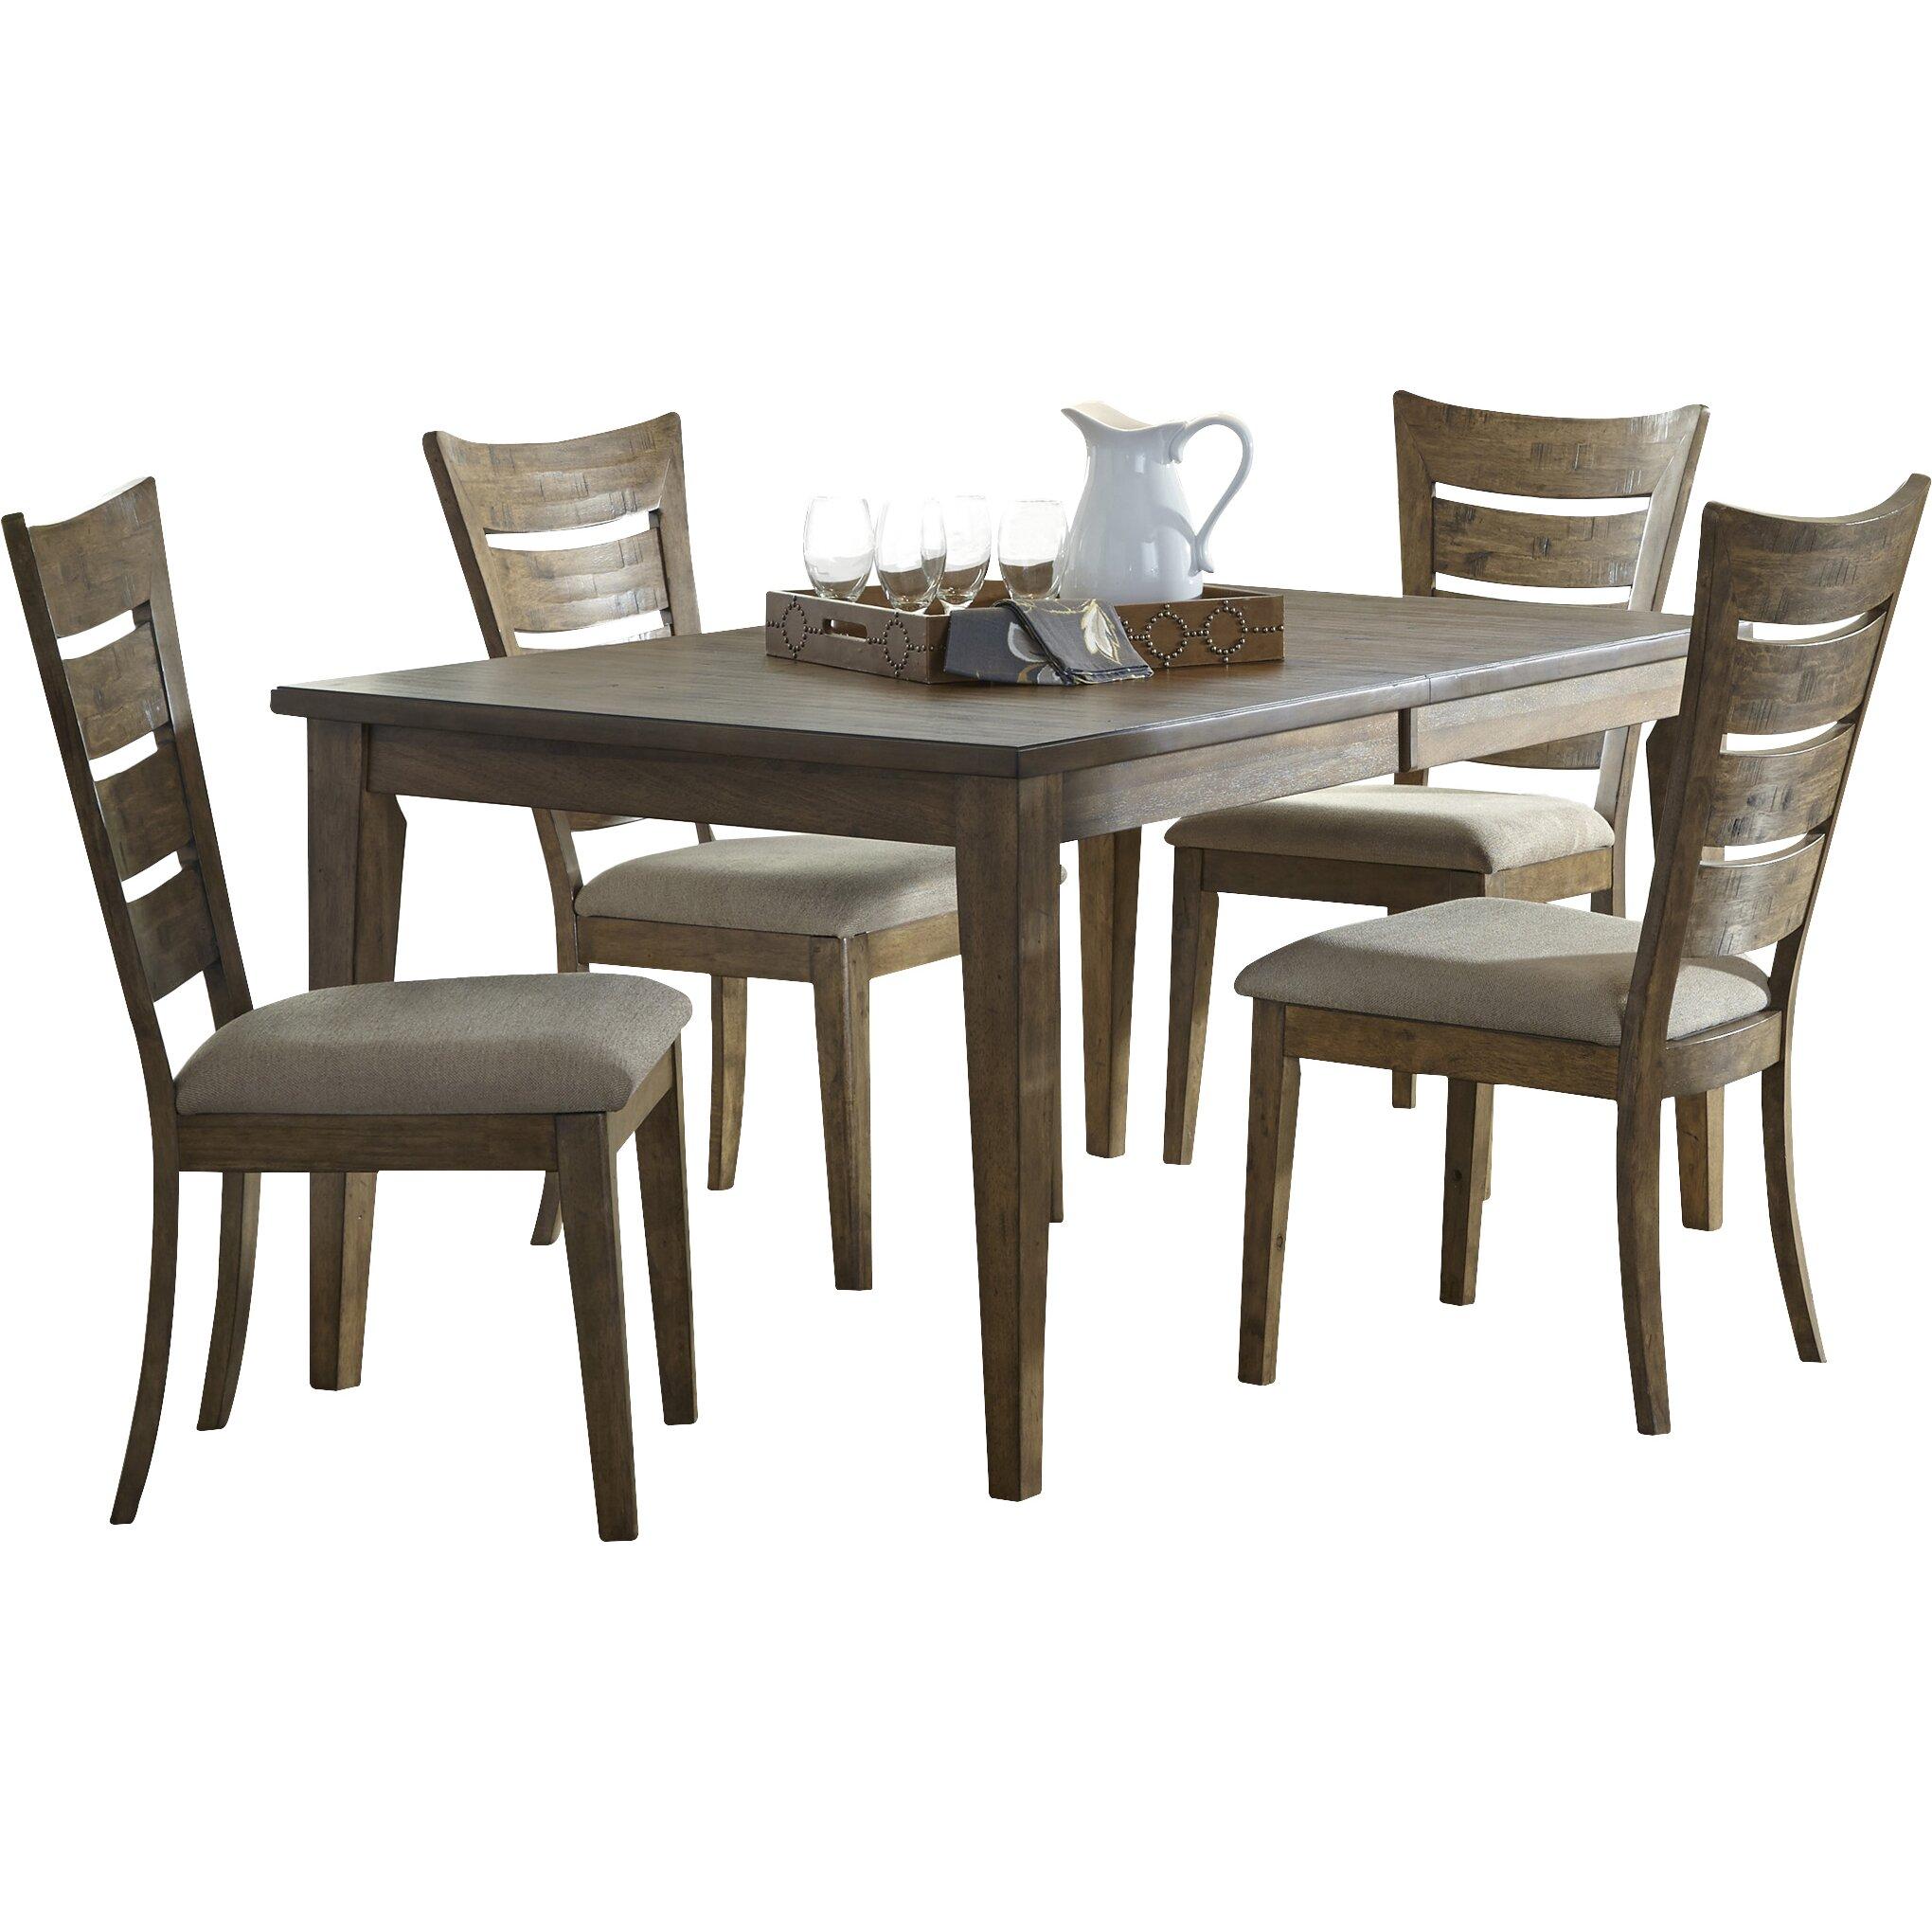 Liberty furniture piece dining set reviews wayfair